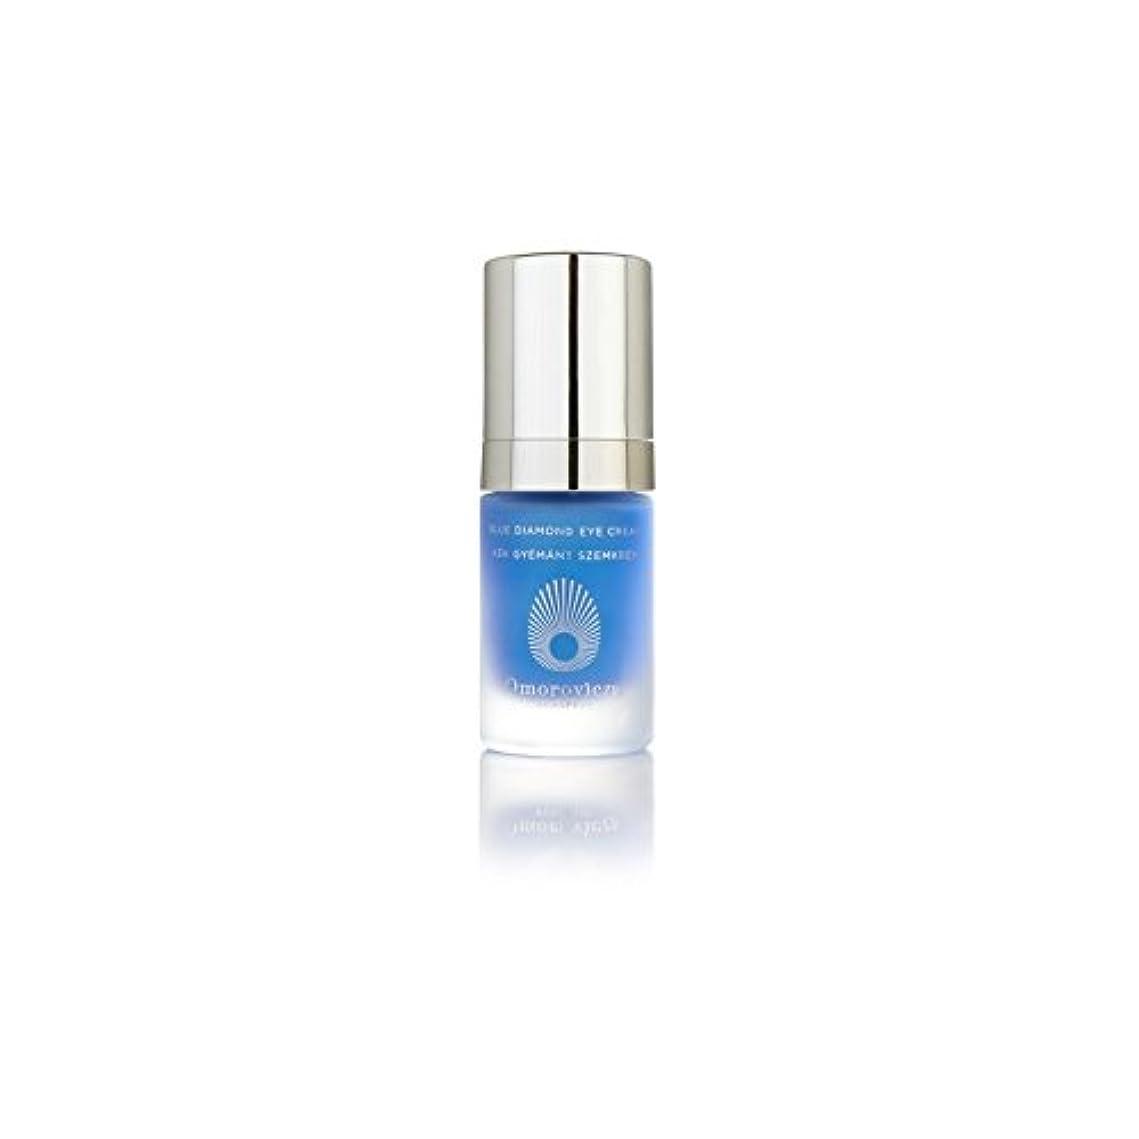 延期するシャワー霧深いブルーダイヤモンドアイクリーム(15ミリリットル) x4 - Omorovicza Blue Diamond Eye Cream (15ml) (Pack of 4) [並行輸入品]